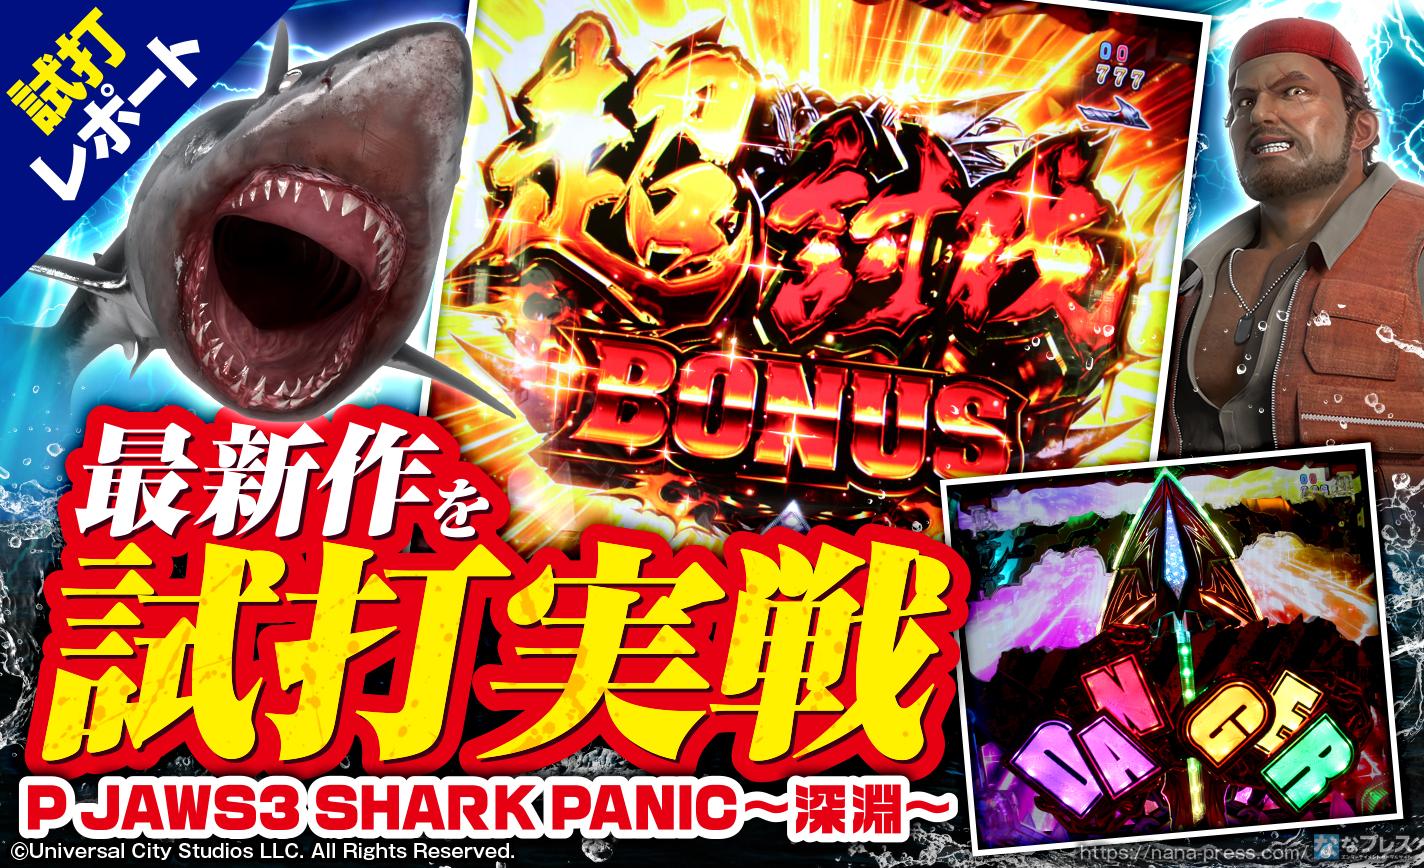 【P JAWS3 SHARK PANIC~深淵~ 試打#3】初当たりから連チャンまでを体験!どんなときも「銛」作動がアツい! eyecatch-image